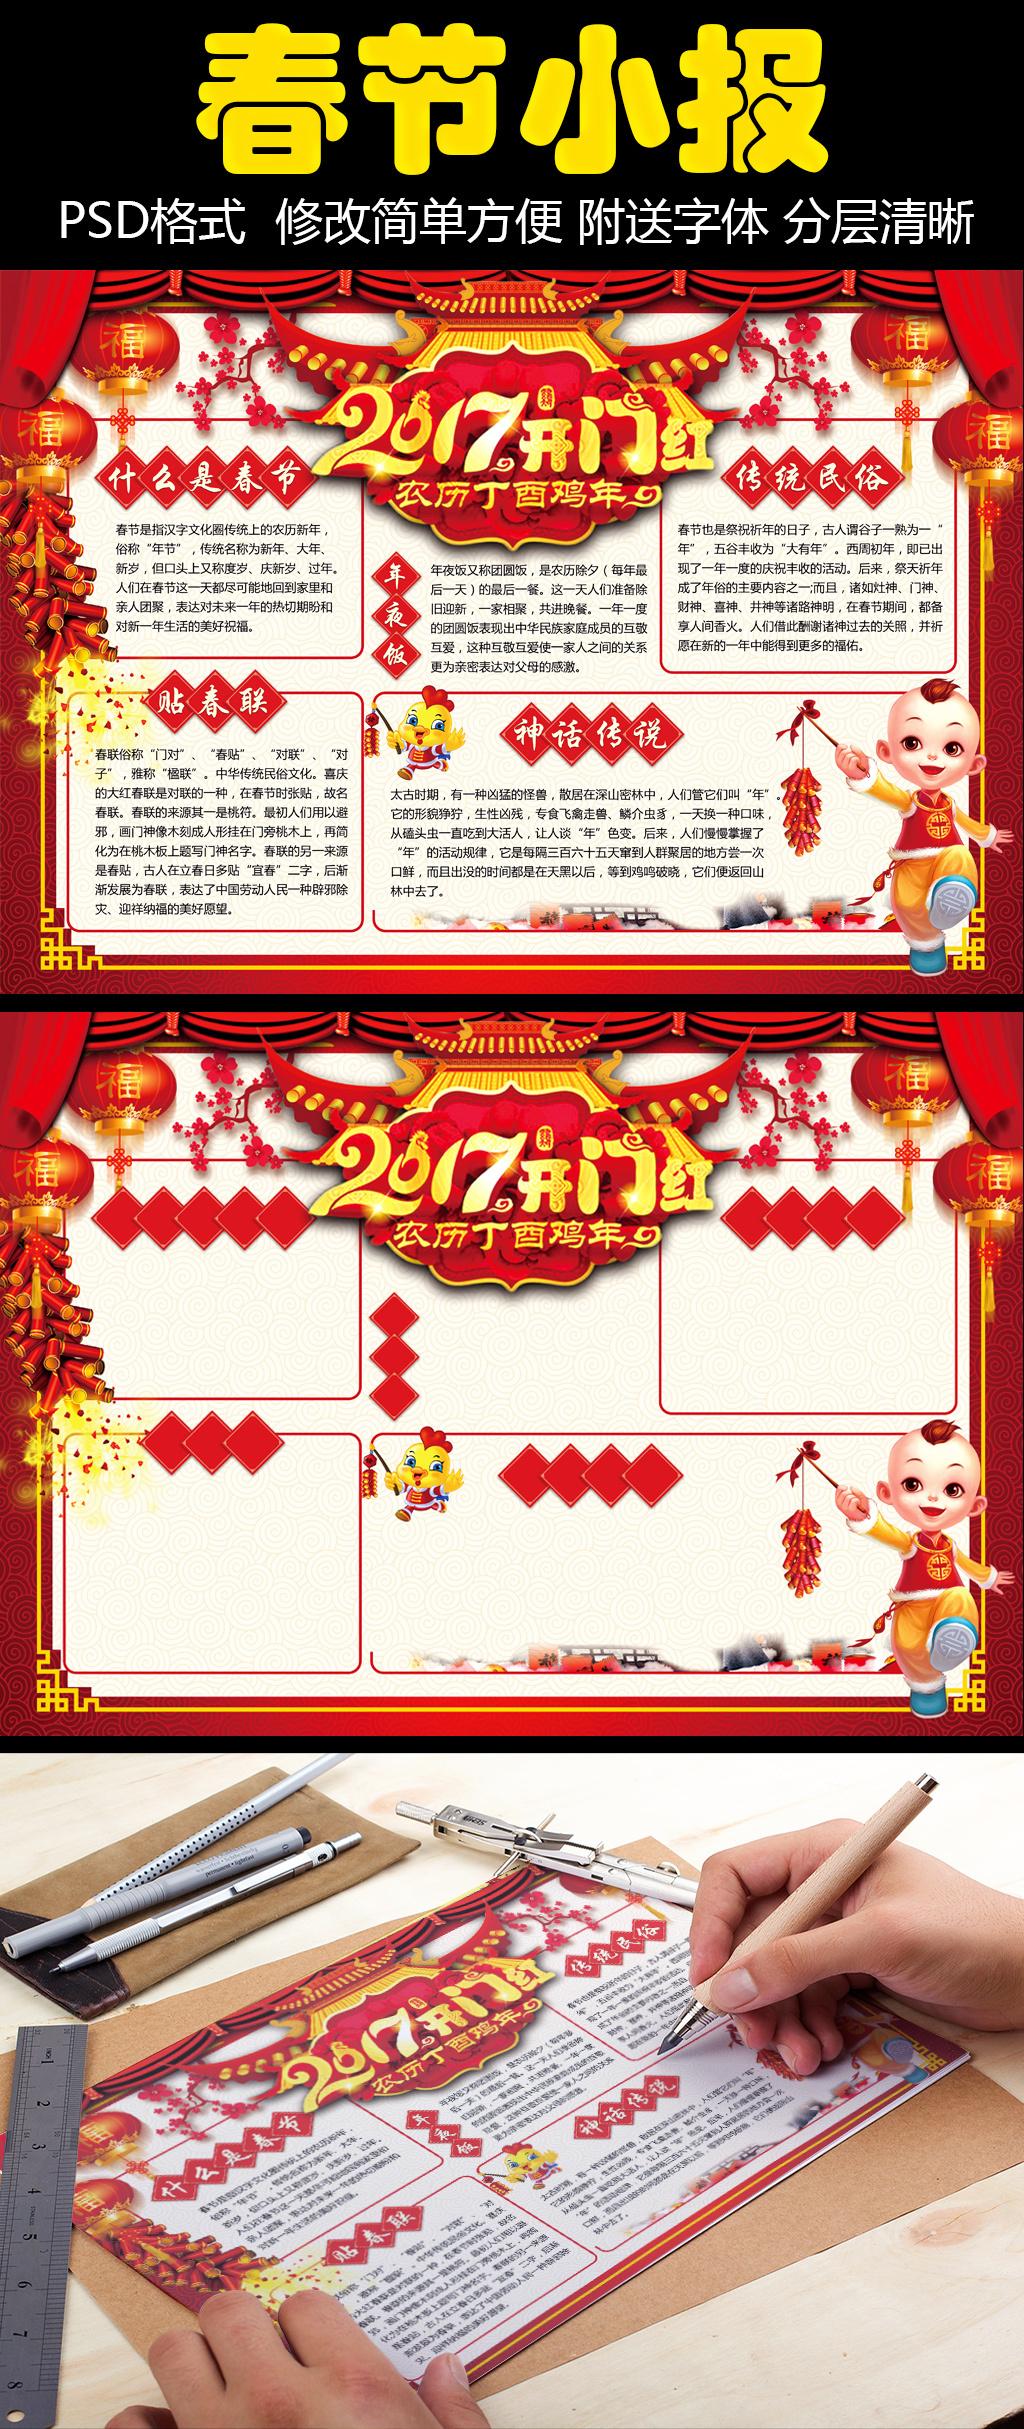 原创设计2017鸡年春节元旦小报新年手抄电子小报